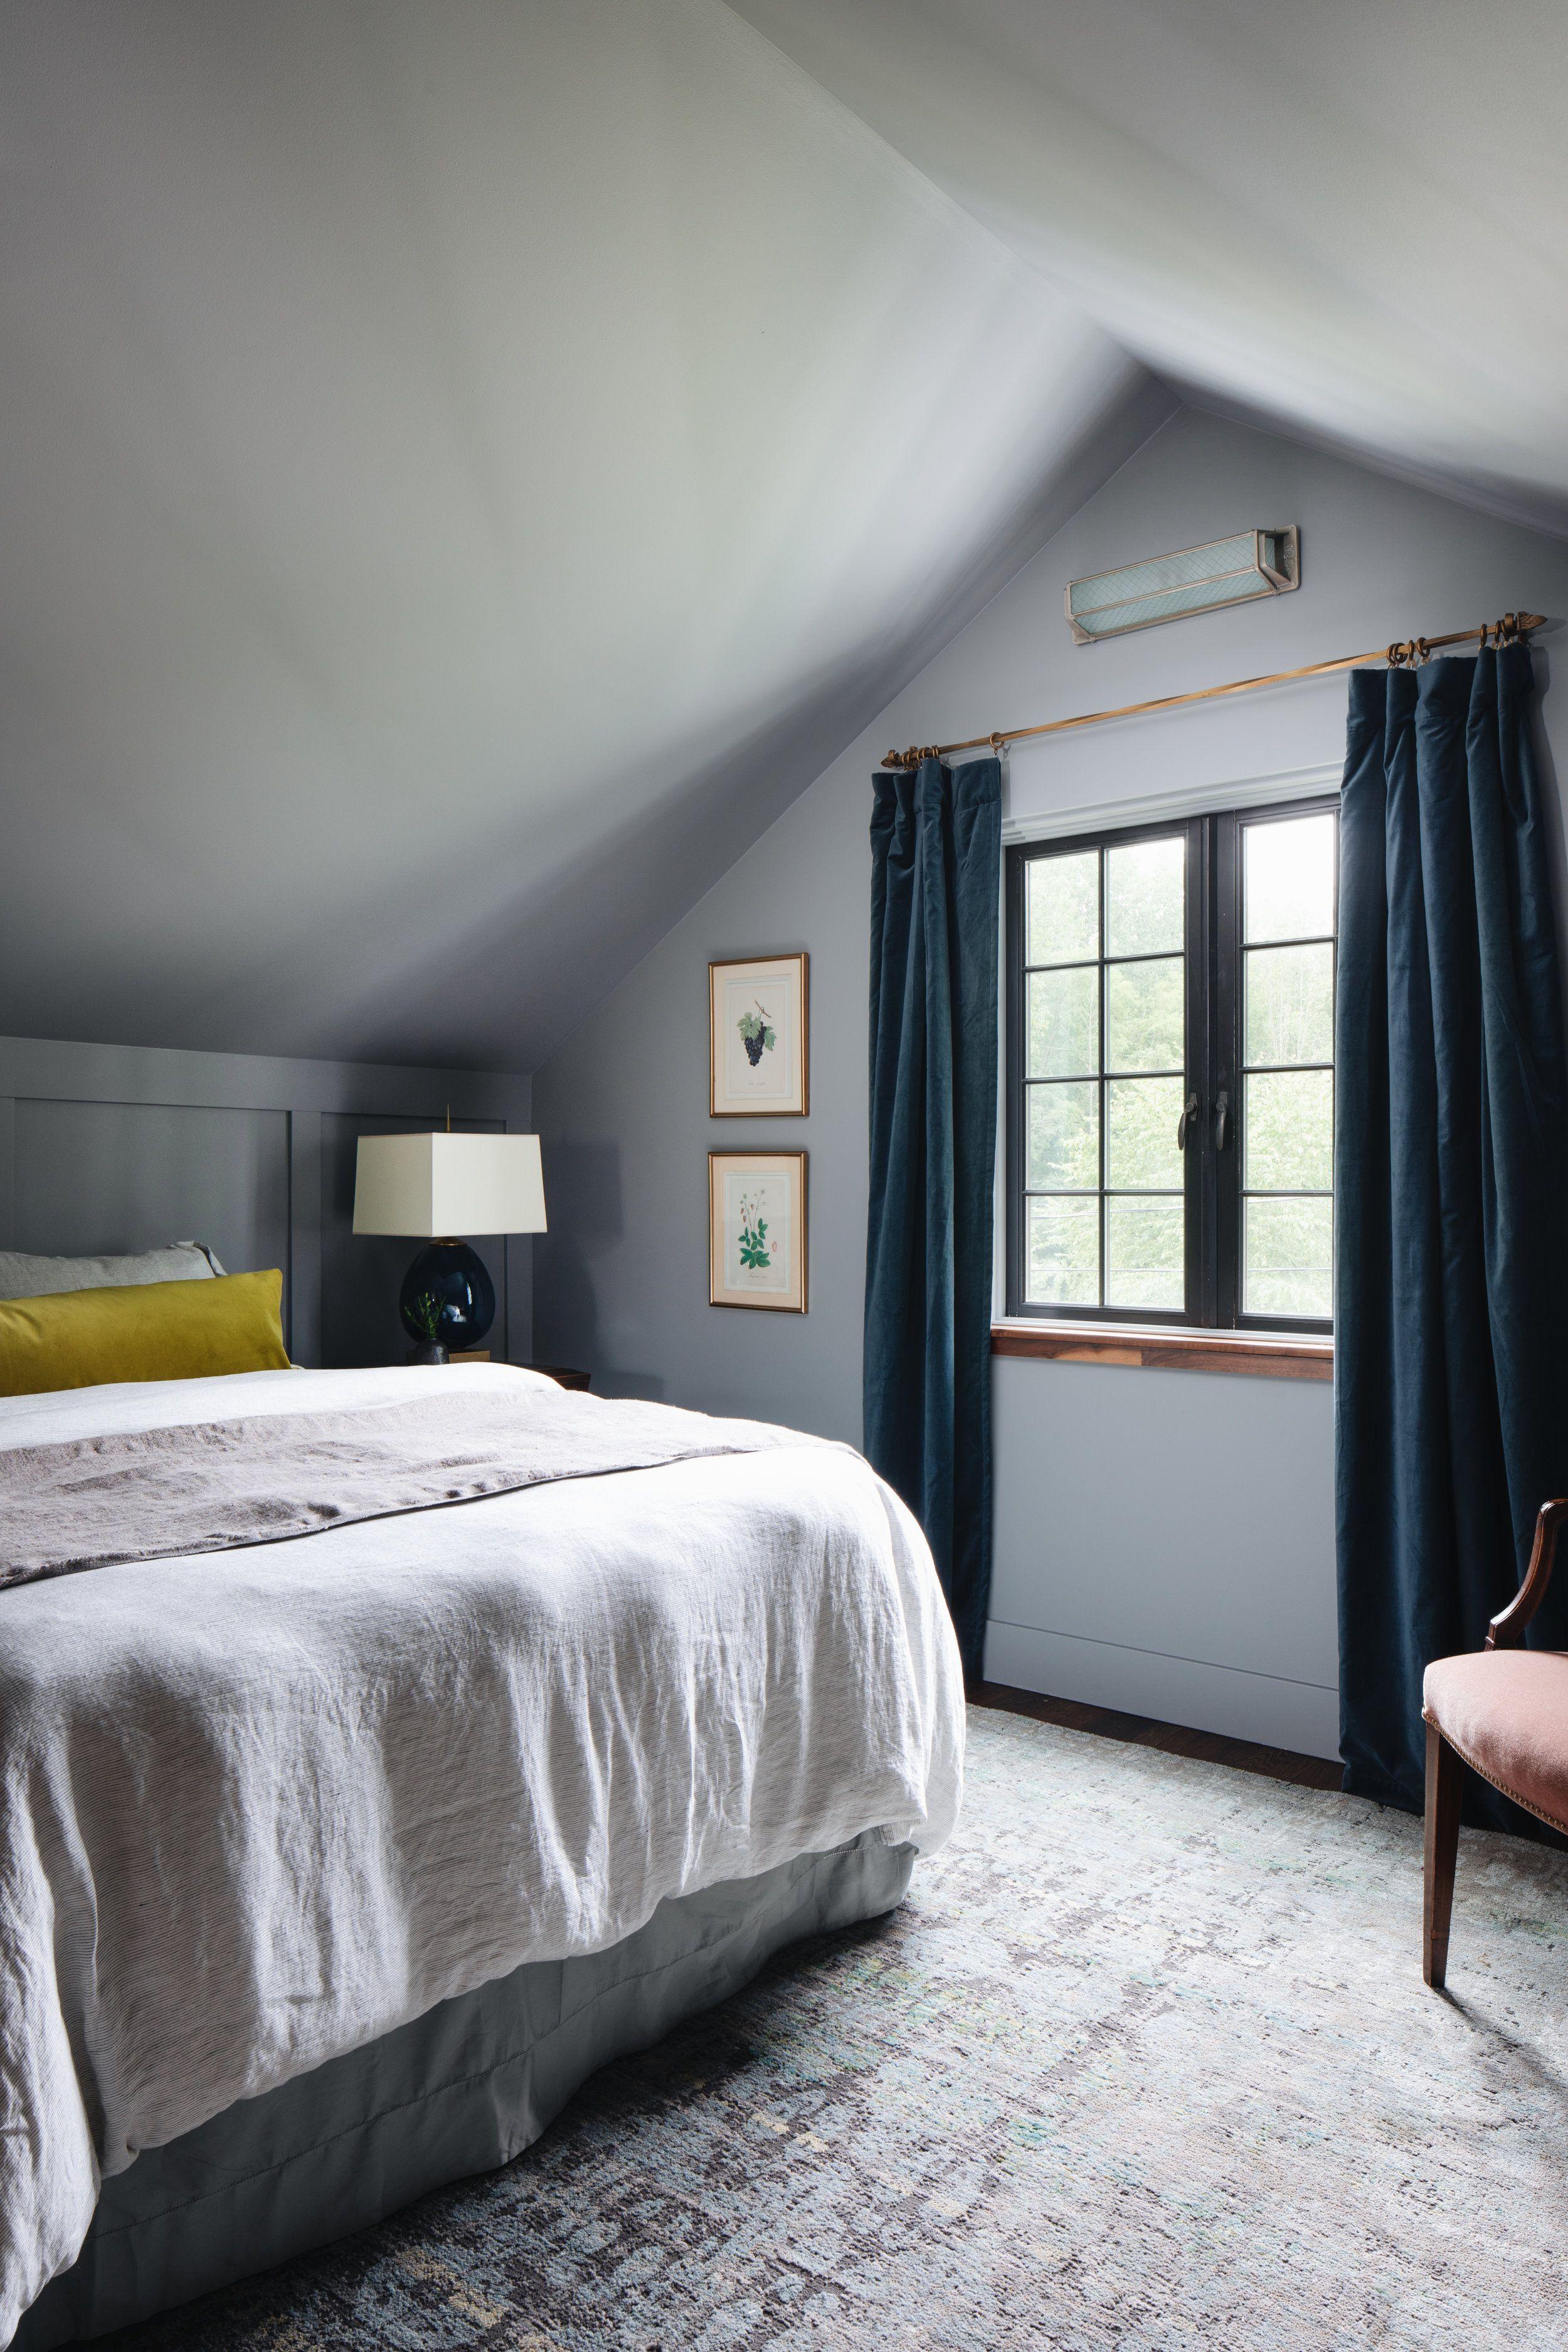 Bedroom Dark Walls Dark Curtains Dark Window Panes Linen Bedding Artwork Pillows Velvet Gray Bedroom Walls Blue Master Bedroom Blue Curtains Bedroom